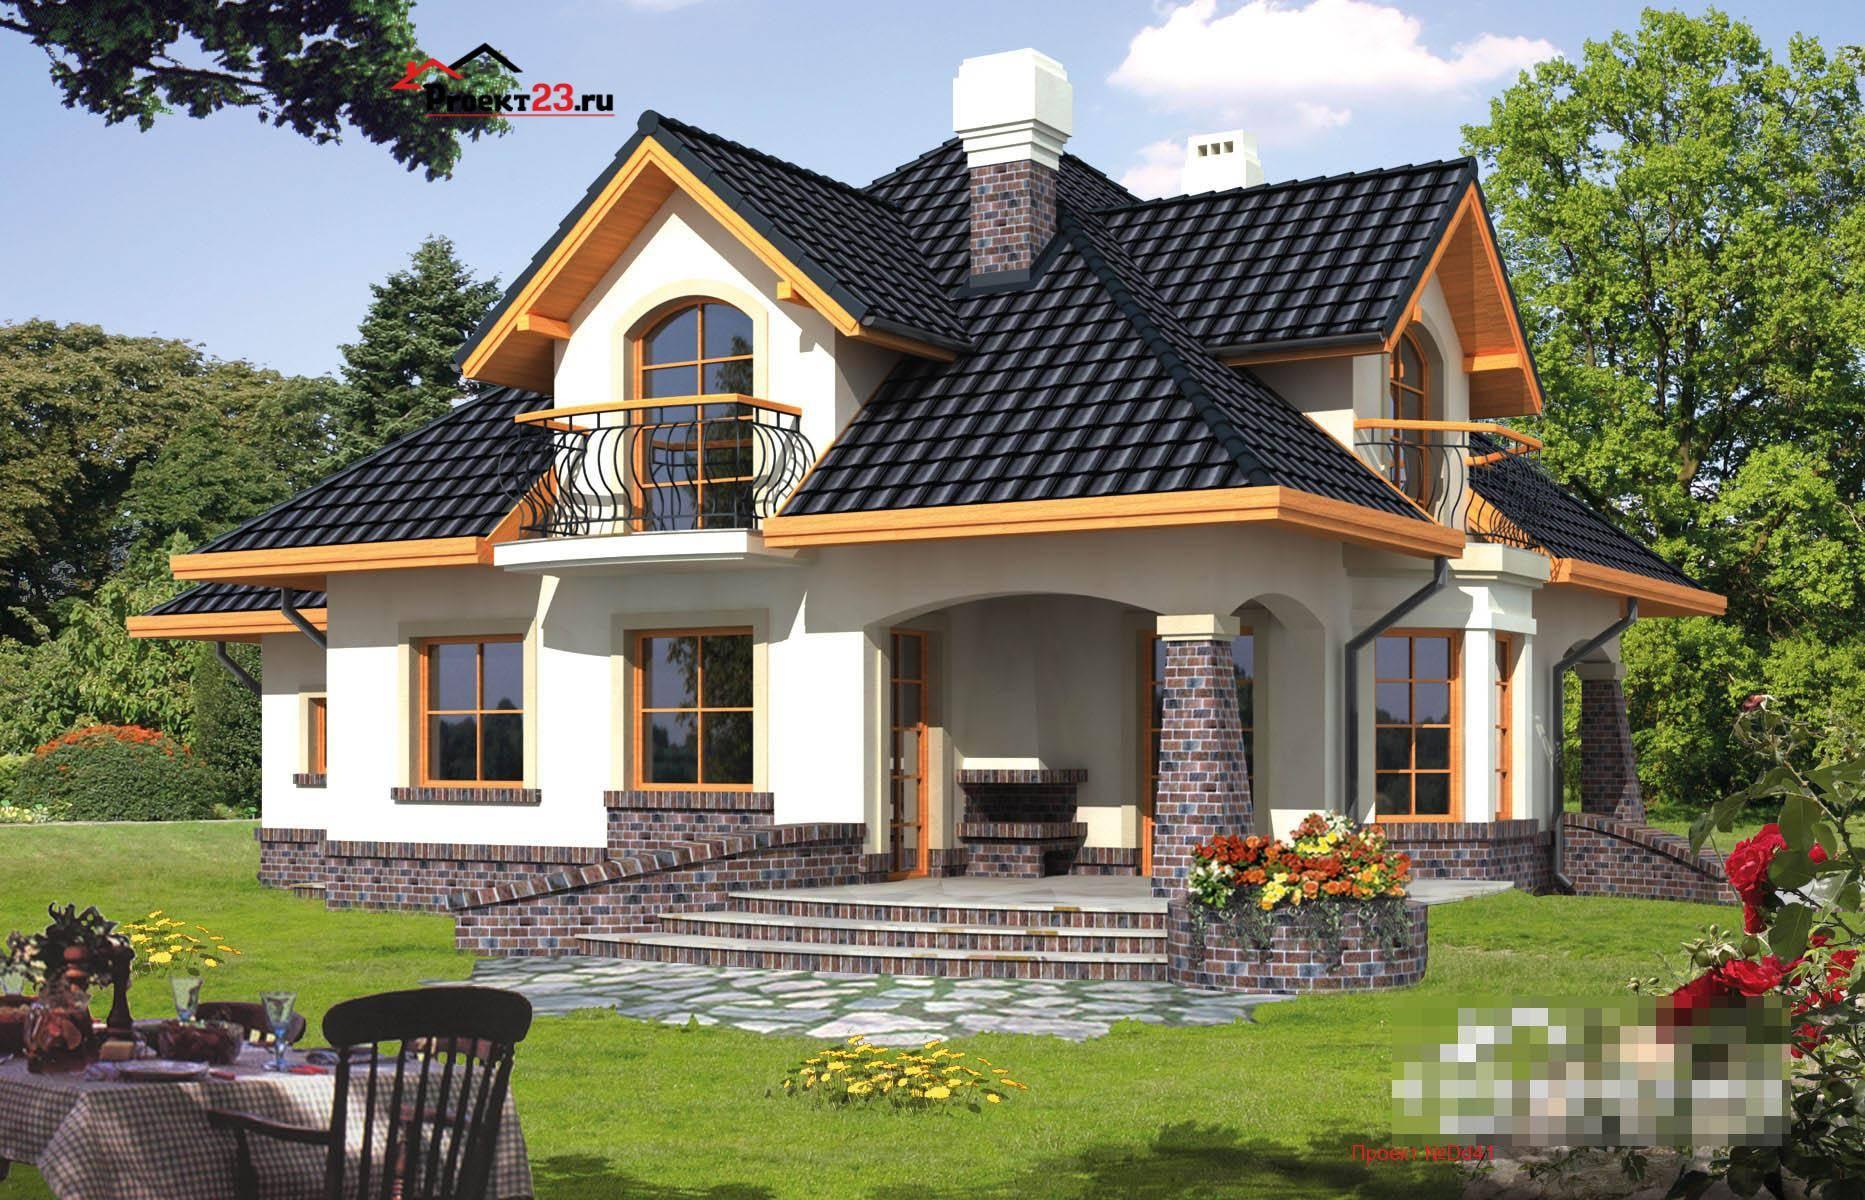 Особенности западно-славянских домов. современные дома в польском стиле и их главные особенности